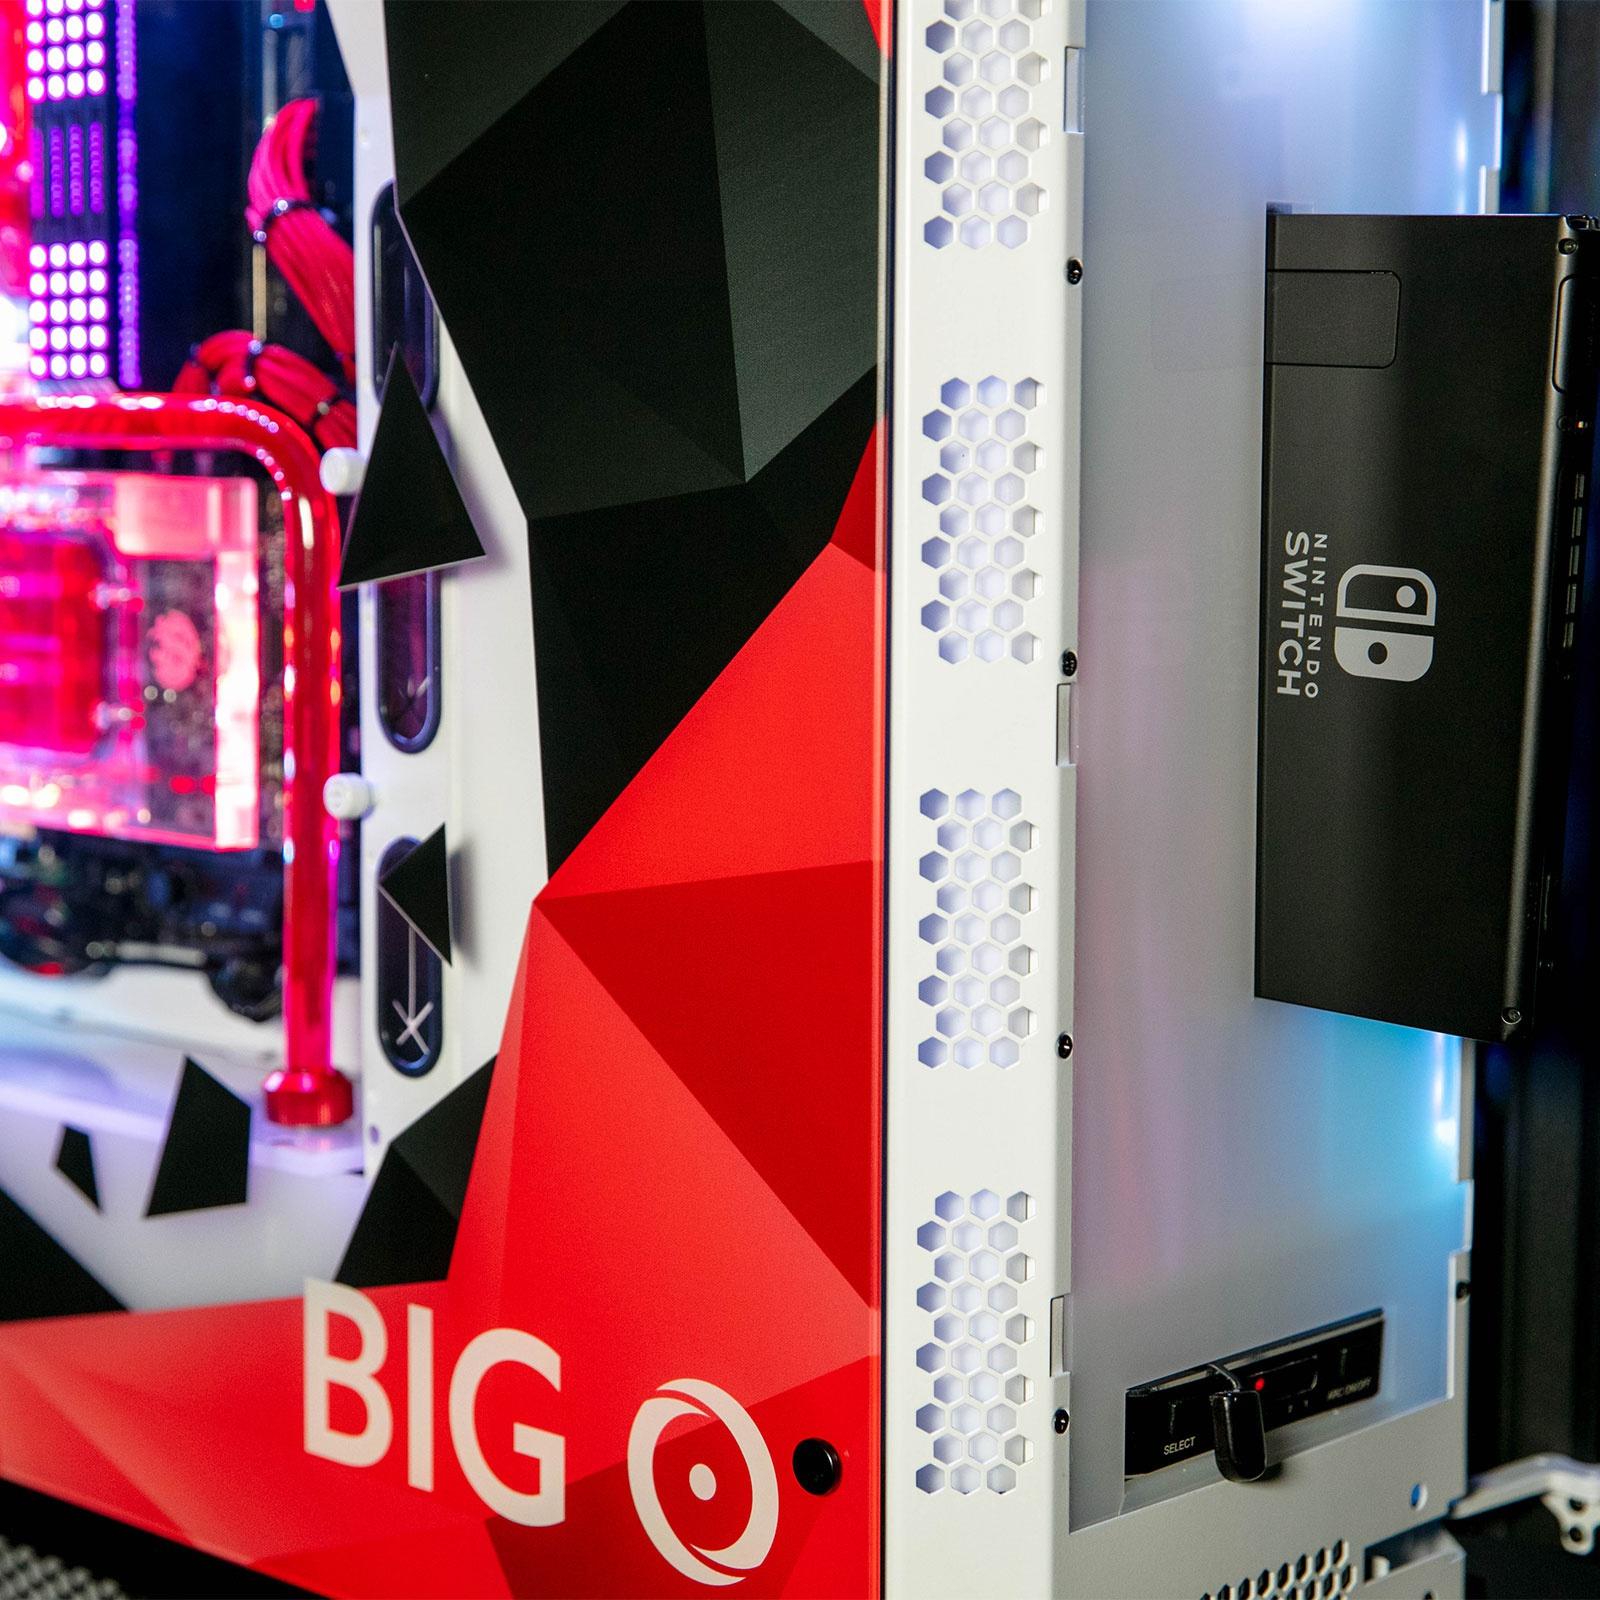 Origin Big O: Verbindung zwischen PC Gamer, Xbox One X, PS4 Pro und Switchalles im selben Fall 1